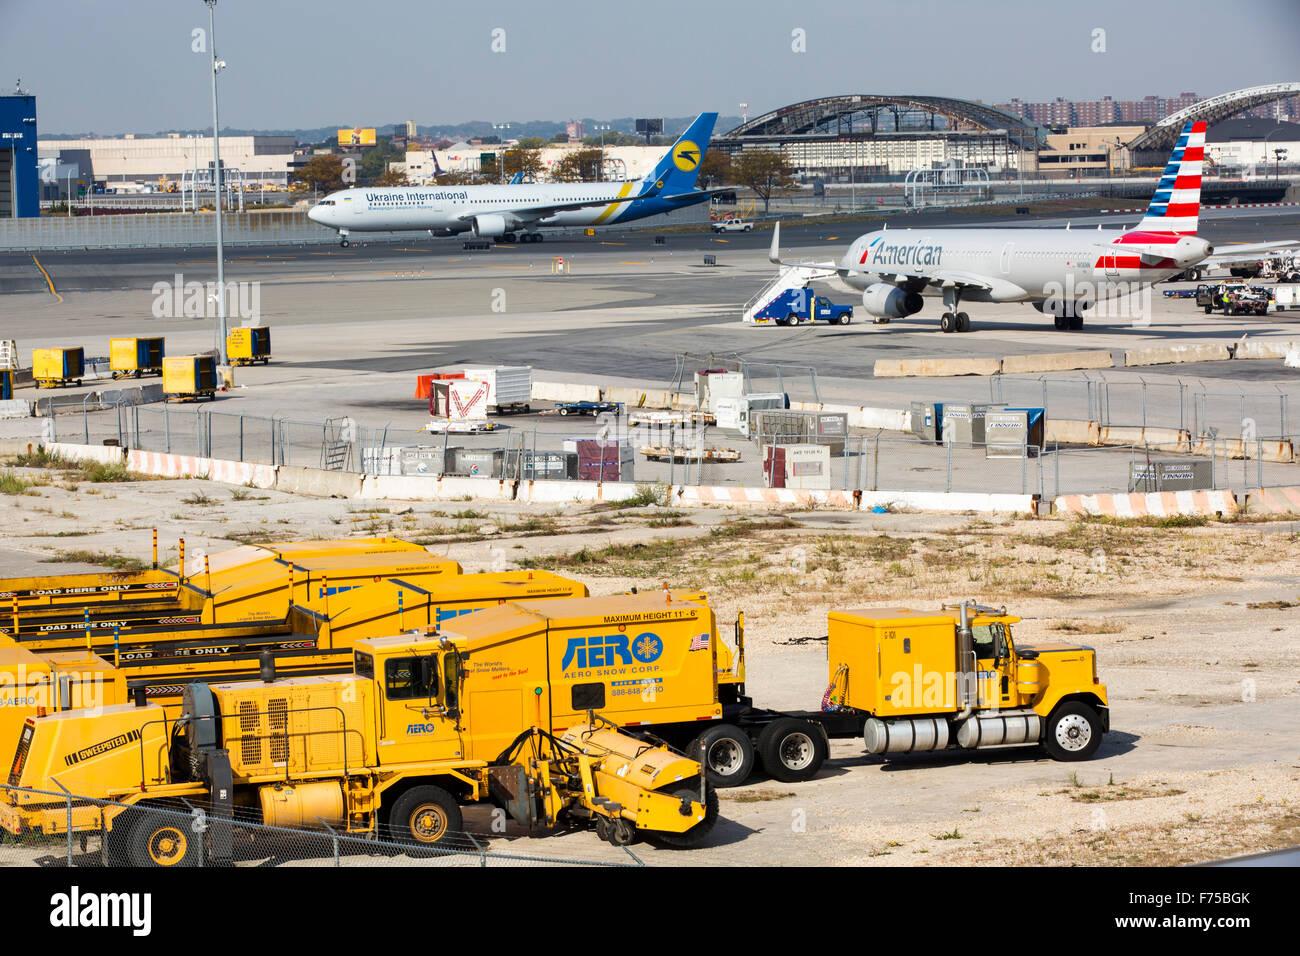 Aeroporto Jfk : Caminhões de limpeza de neve no aeroporto jfk em nova york eua foto